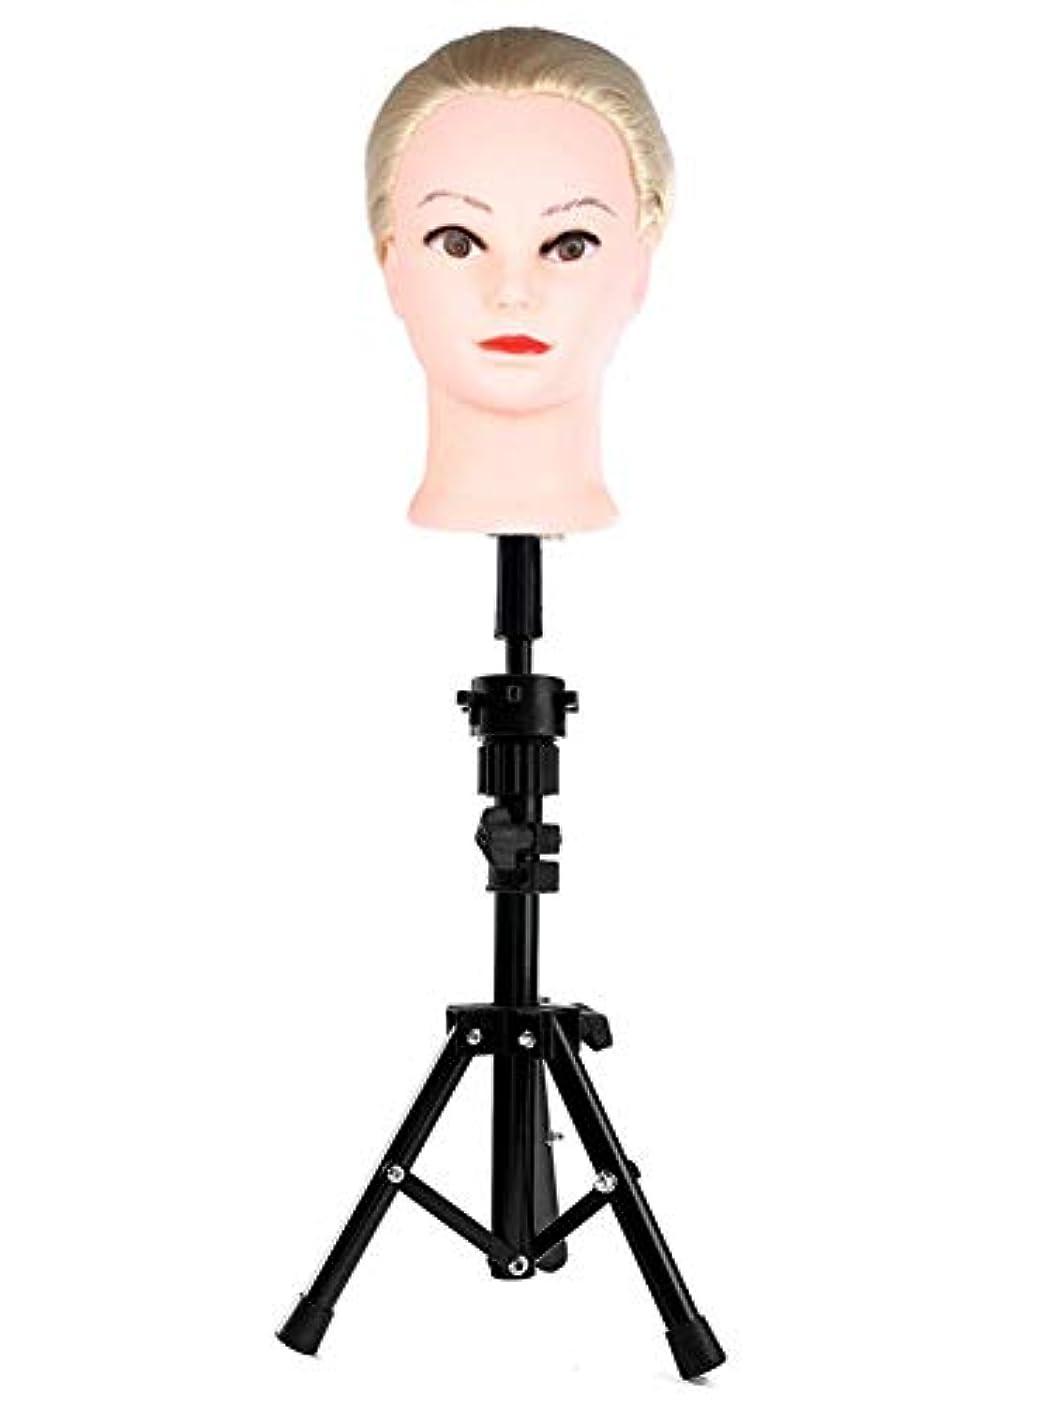 ハンサム肥沃なディスコスタンド付きで調整可能なヘアサロン三脚エクササイズヘッド用に調整可能な三脚調整可能な理髪三脚キャリングケース付きエクササイズヘッド用に調整可能なステンレス三脚